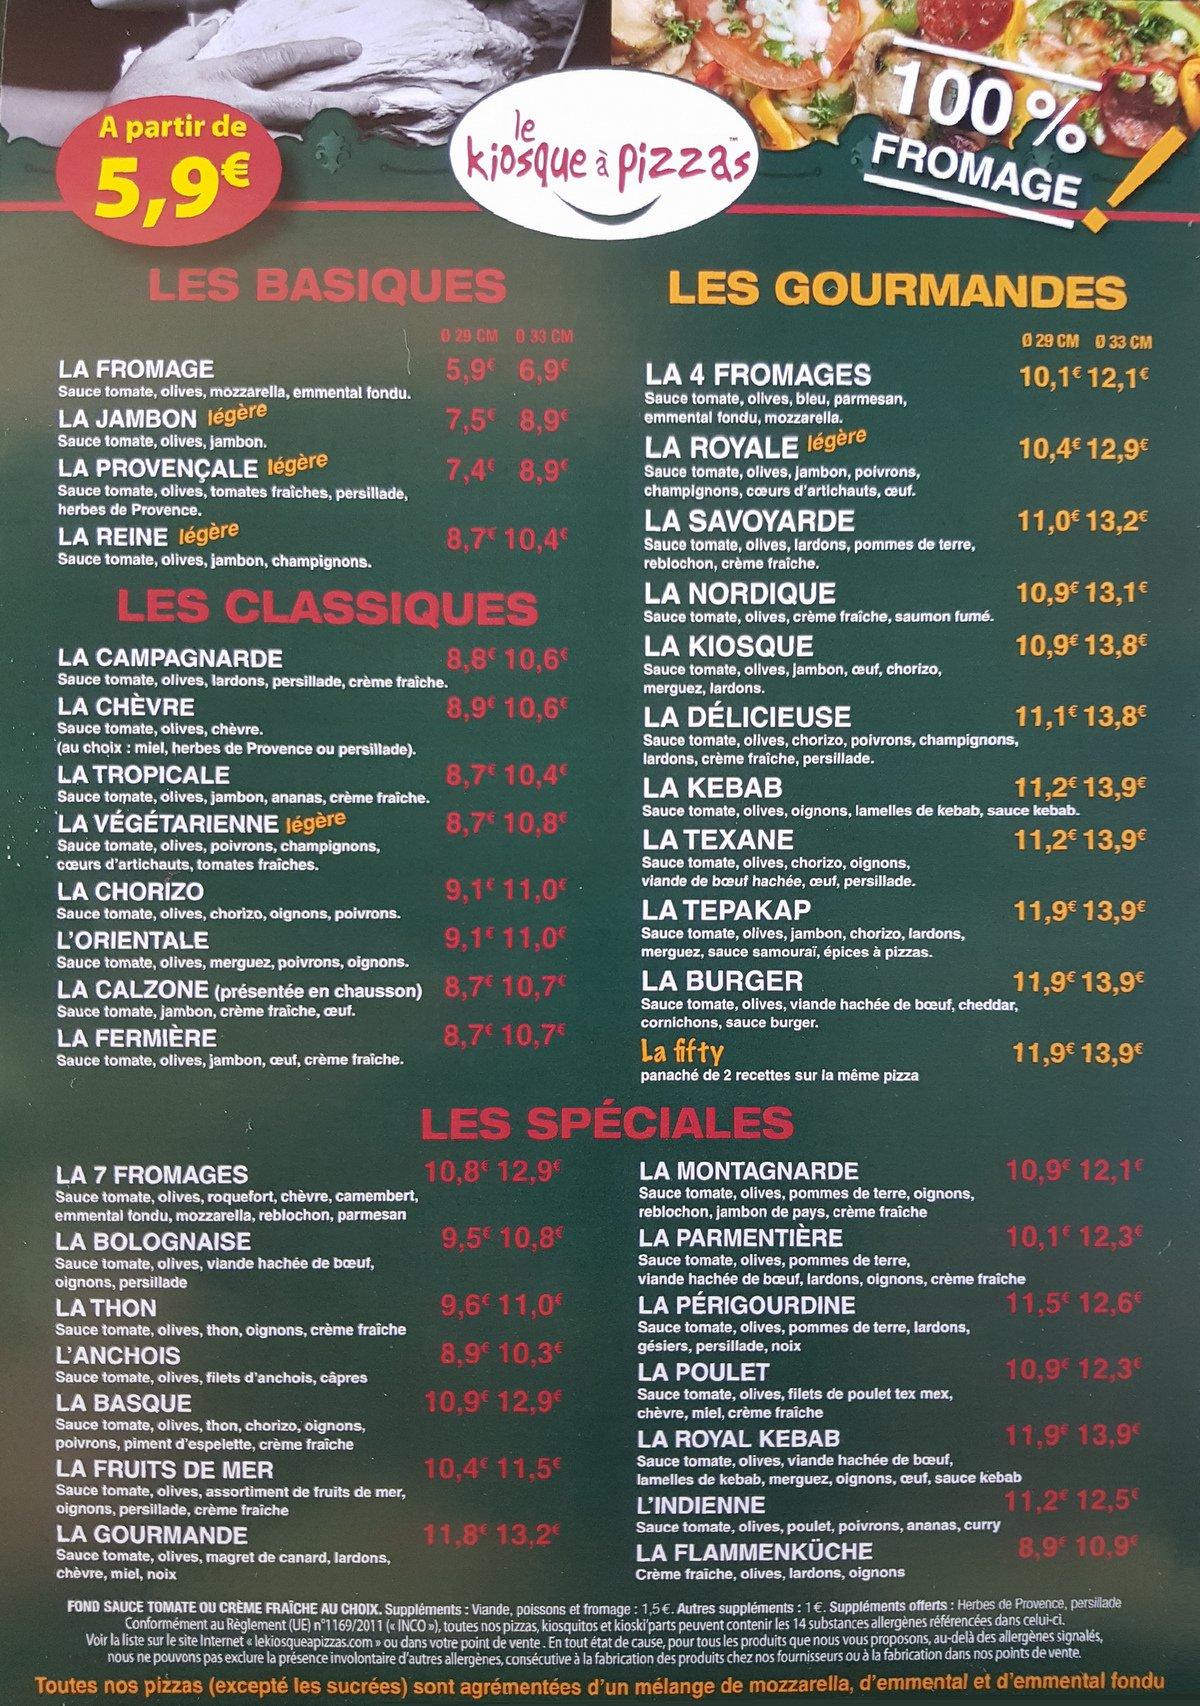 Carte Kiosque A Pizza.Le Kiosque A Pizzas A Montignac Carte Et Menu En Ligne